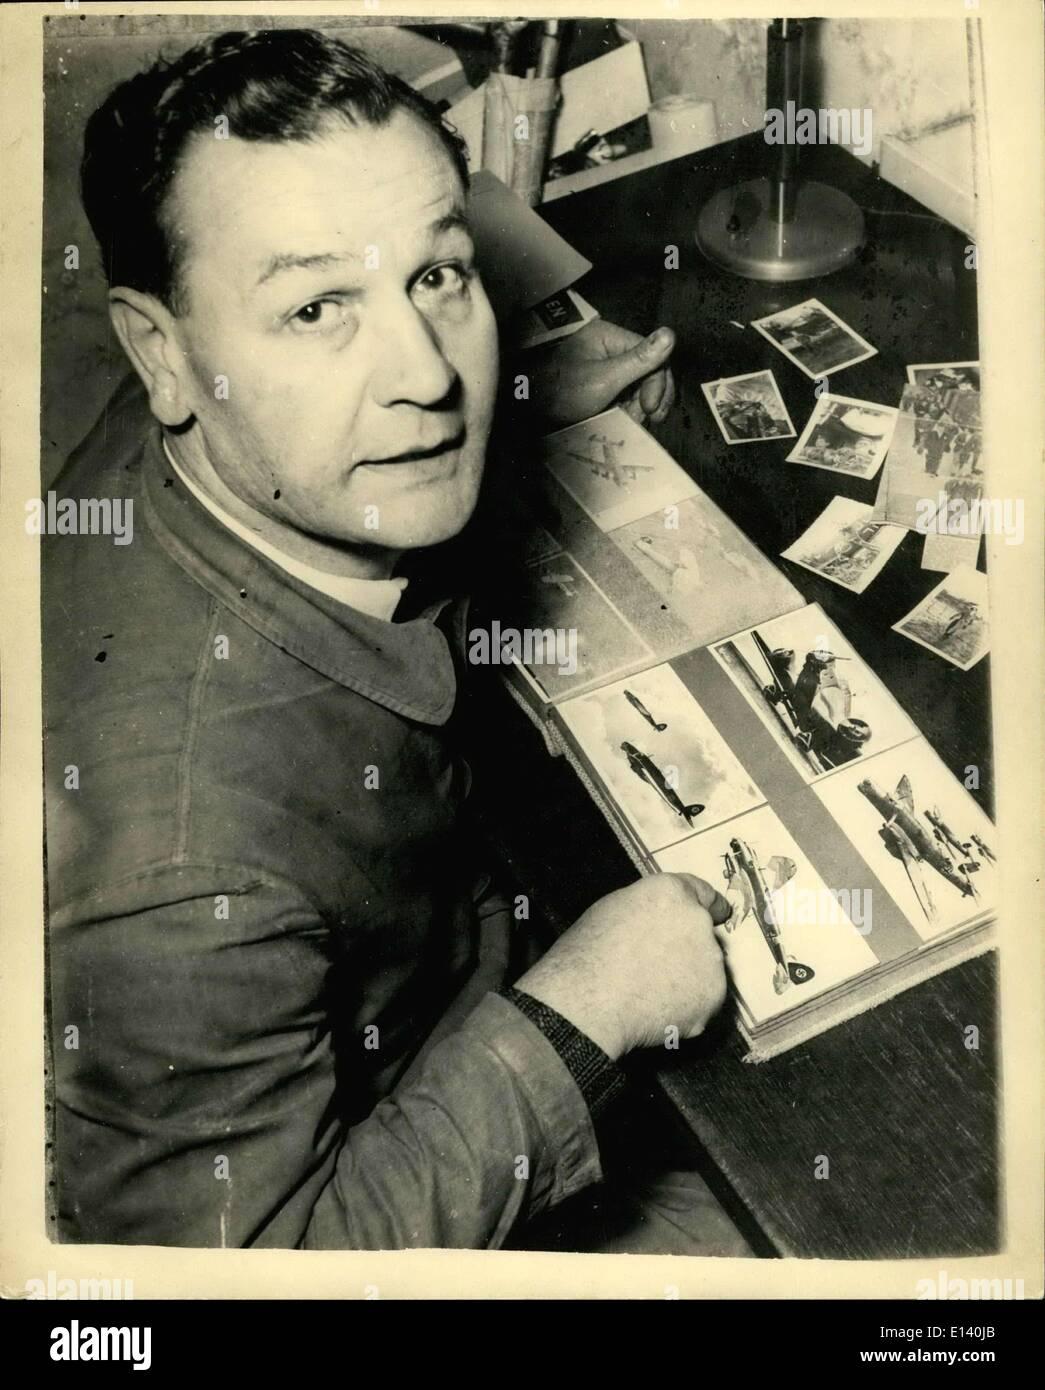 Marzo 31, 2012 - hace 15 años fue derribado por Peter Townsend. Hace 15 años, Karl Missy, suboficiales de la Fuerza Aérea Alemana, fue derribado por Peter Townsend. El infierno (Heinckel malos), en la cual Missy voló como operador de radio y artillero de estribor - acaba de terminar un bombardeo en Inglaterra, cuando, en el viaje de regreso a Alemania, fueron atacados por tres spitfires Británicos, dirigido por Peter Townsend, entonces 24. El alemán Hall fue obligada a aterrizar en suelo británico. Missy fue gravemente herido en esta lucha, y en 10 horas se sometió a siete operaciones importantes en un hospital inglés Imagen De Stock